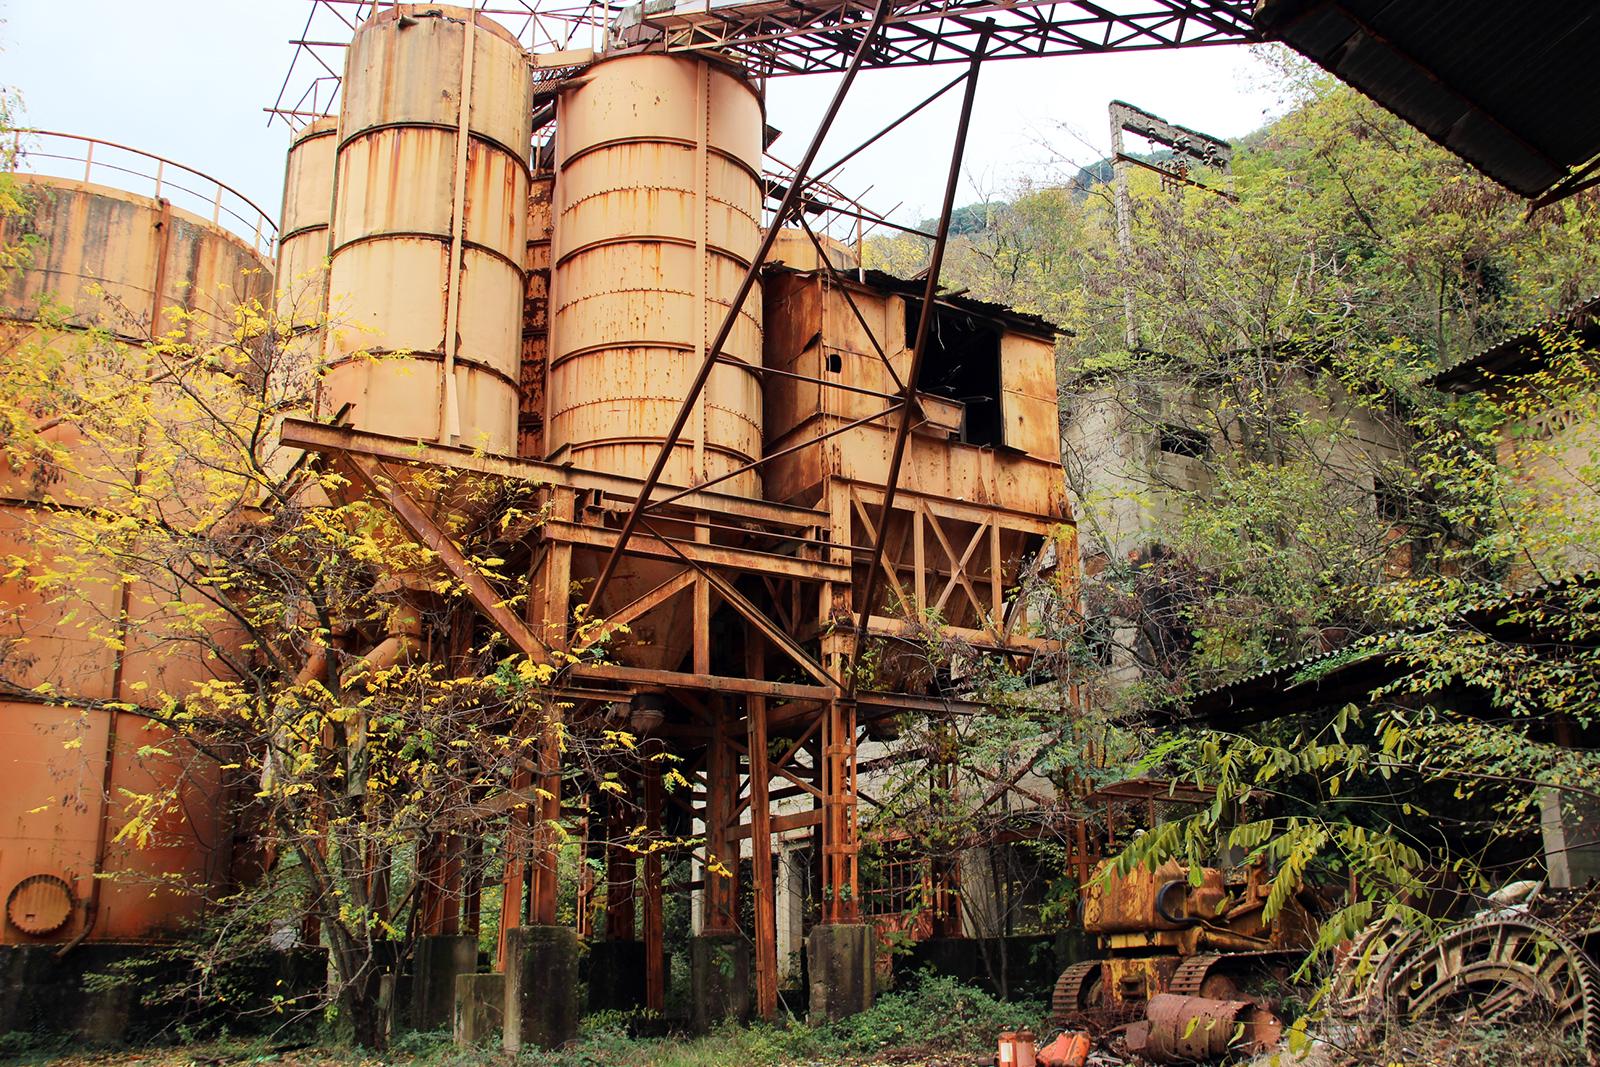 Parco geominerario a Valdicastello, al via la riqualificazione